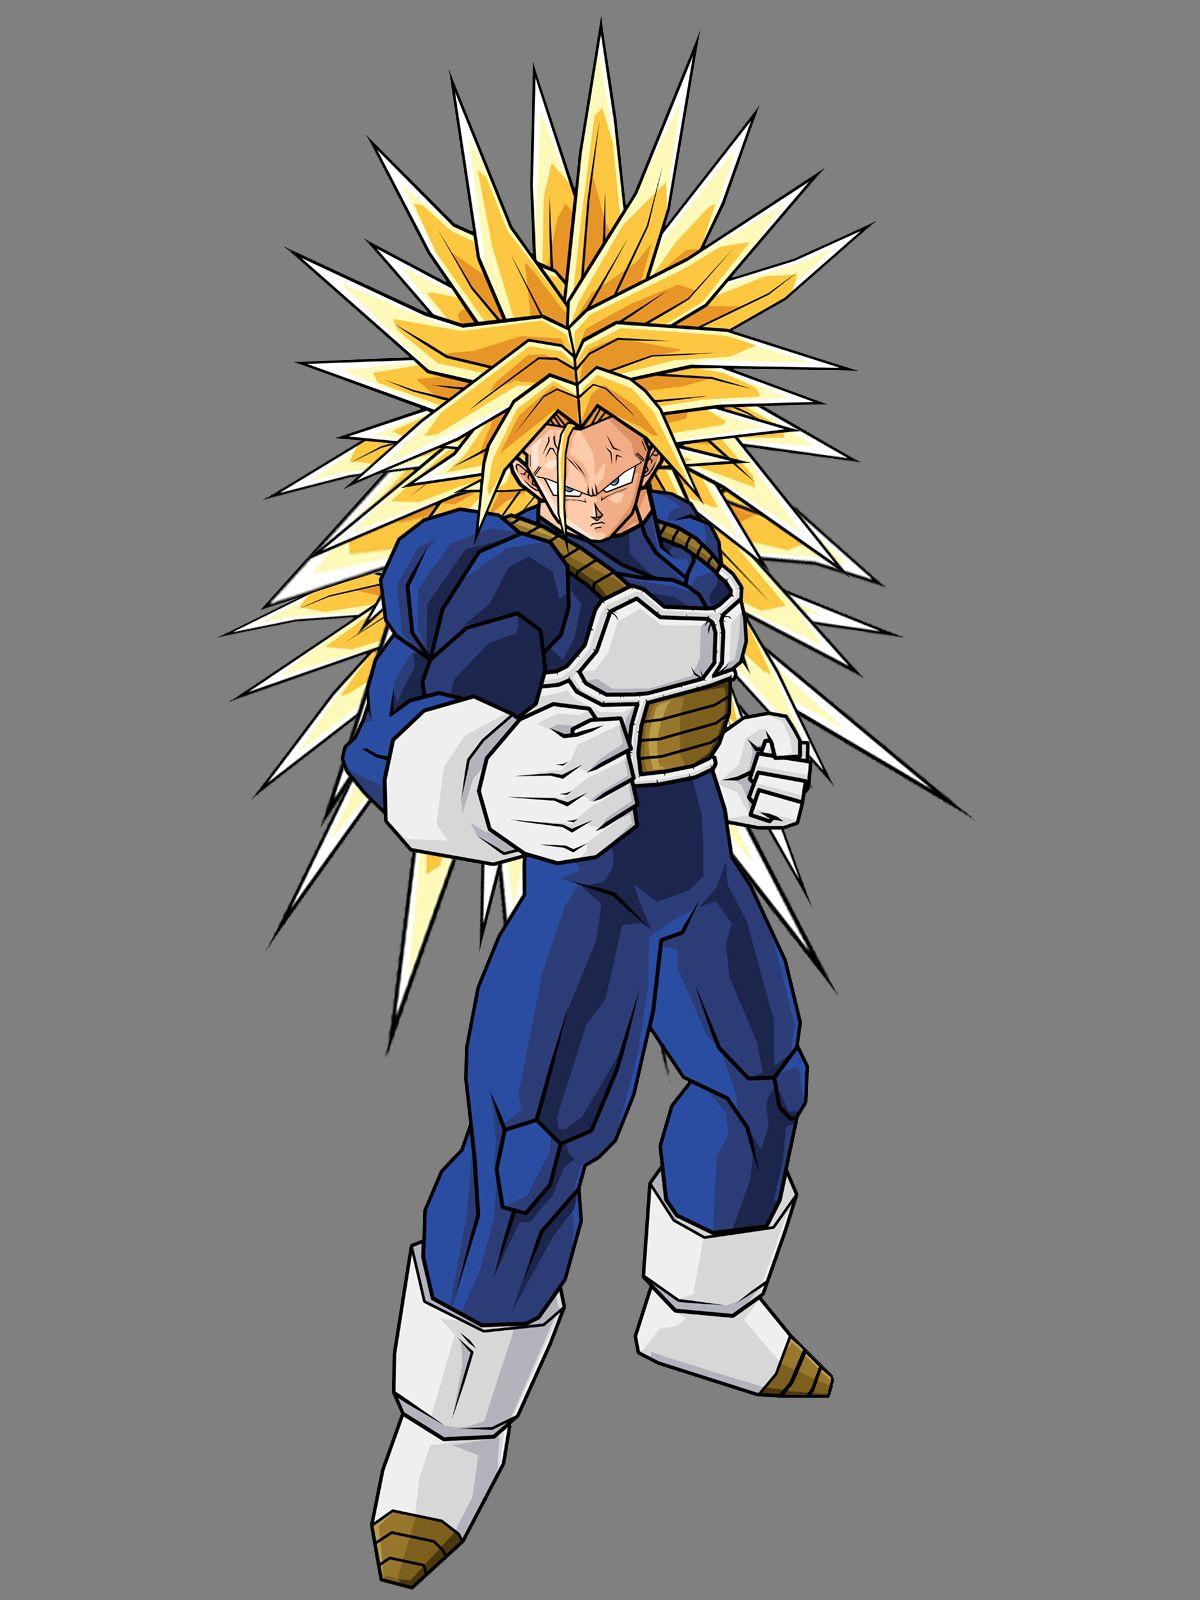 Super Trunks Ssj3 By Alessandelpho On Deviantart Dragon Ball Artwork Anime Dragon Ball Super Dragon Ball Art